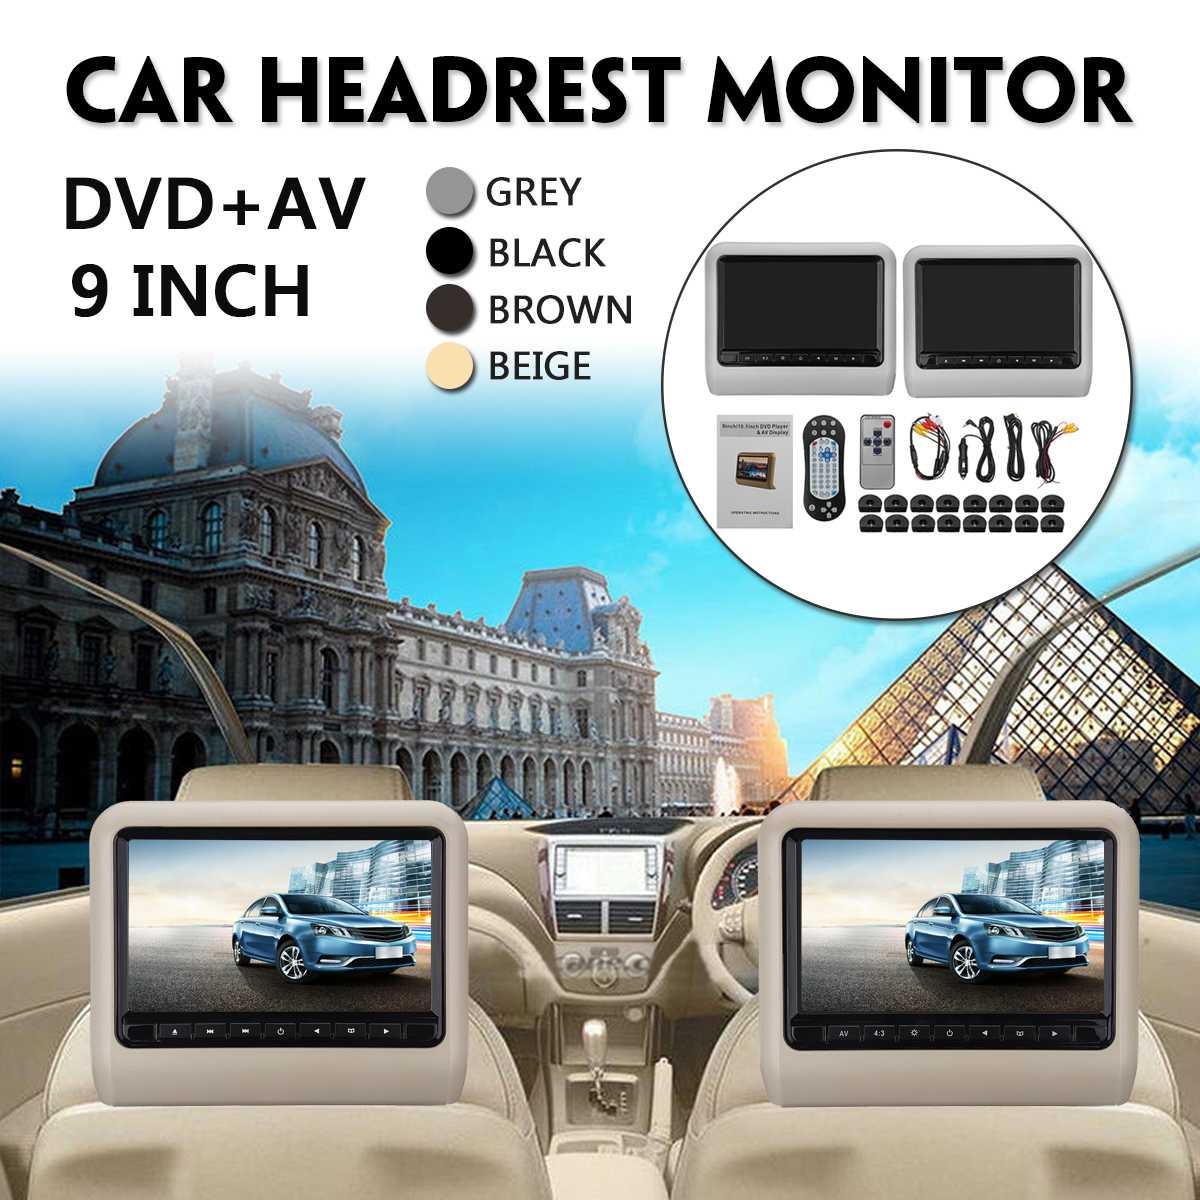 9 дюймов DVD подголовник автомобиля монитор плеер + AV плеер с пультом дистанционного управления кабель комплект USB игры Подушка ЖК монитор